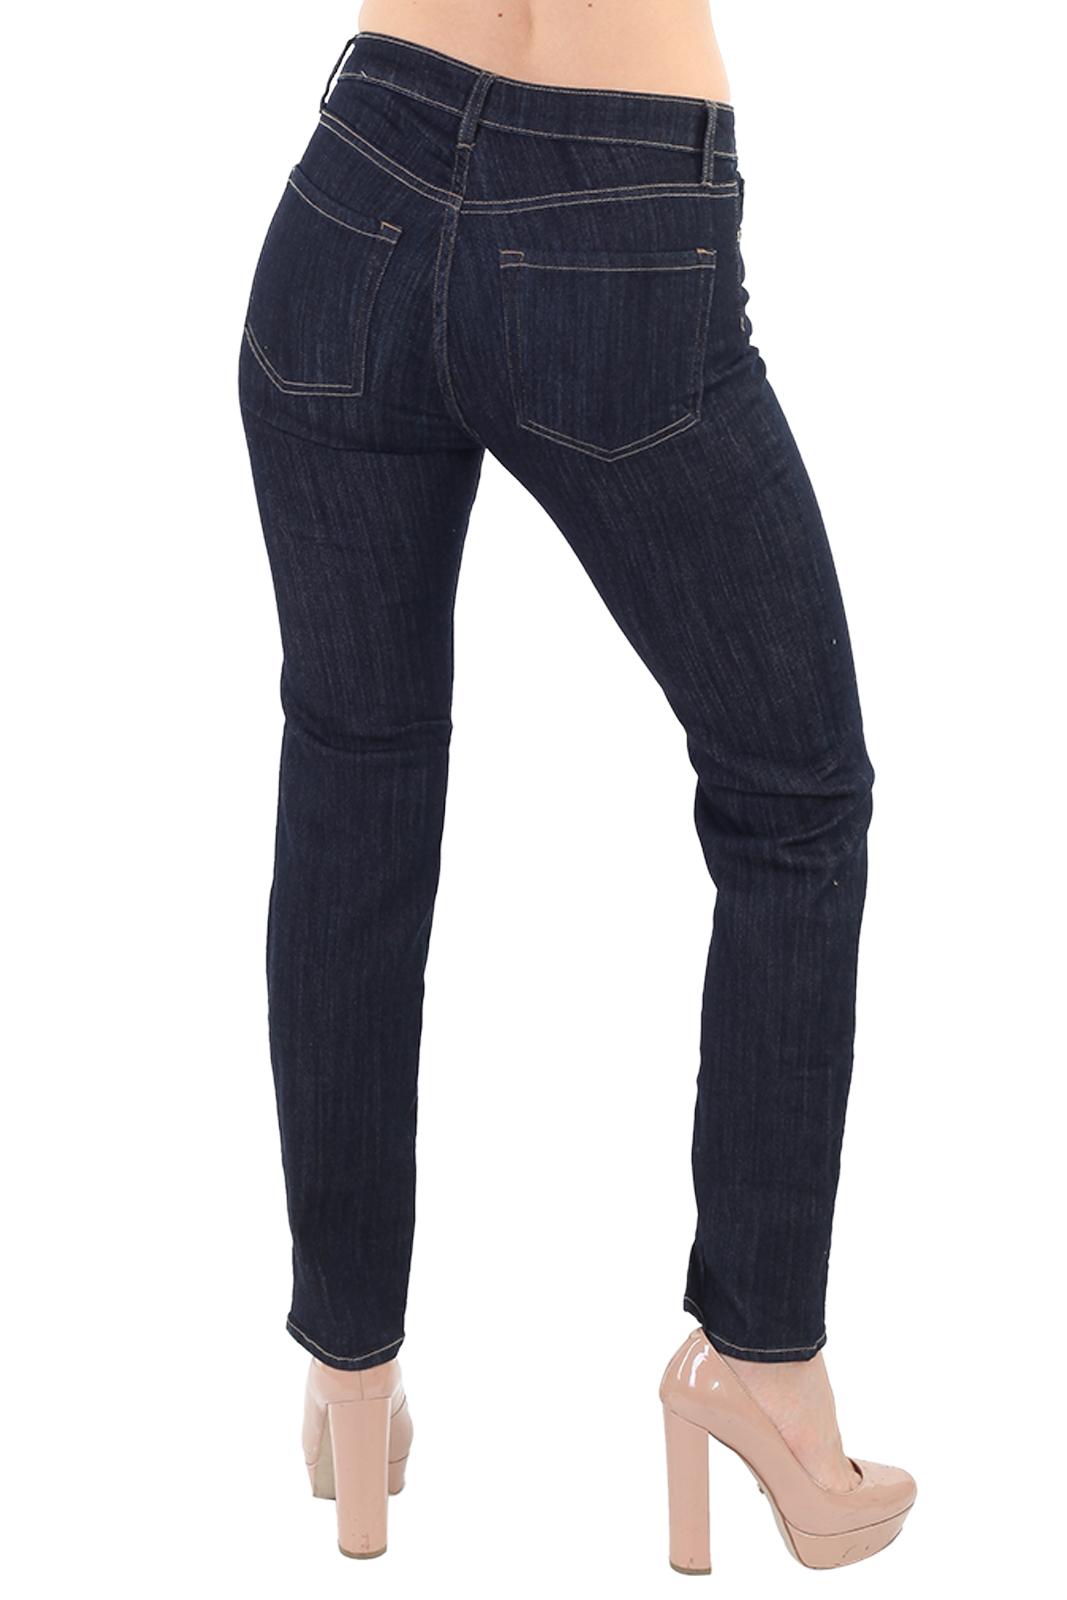 Прямые женские джинсы классика